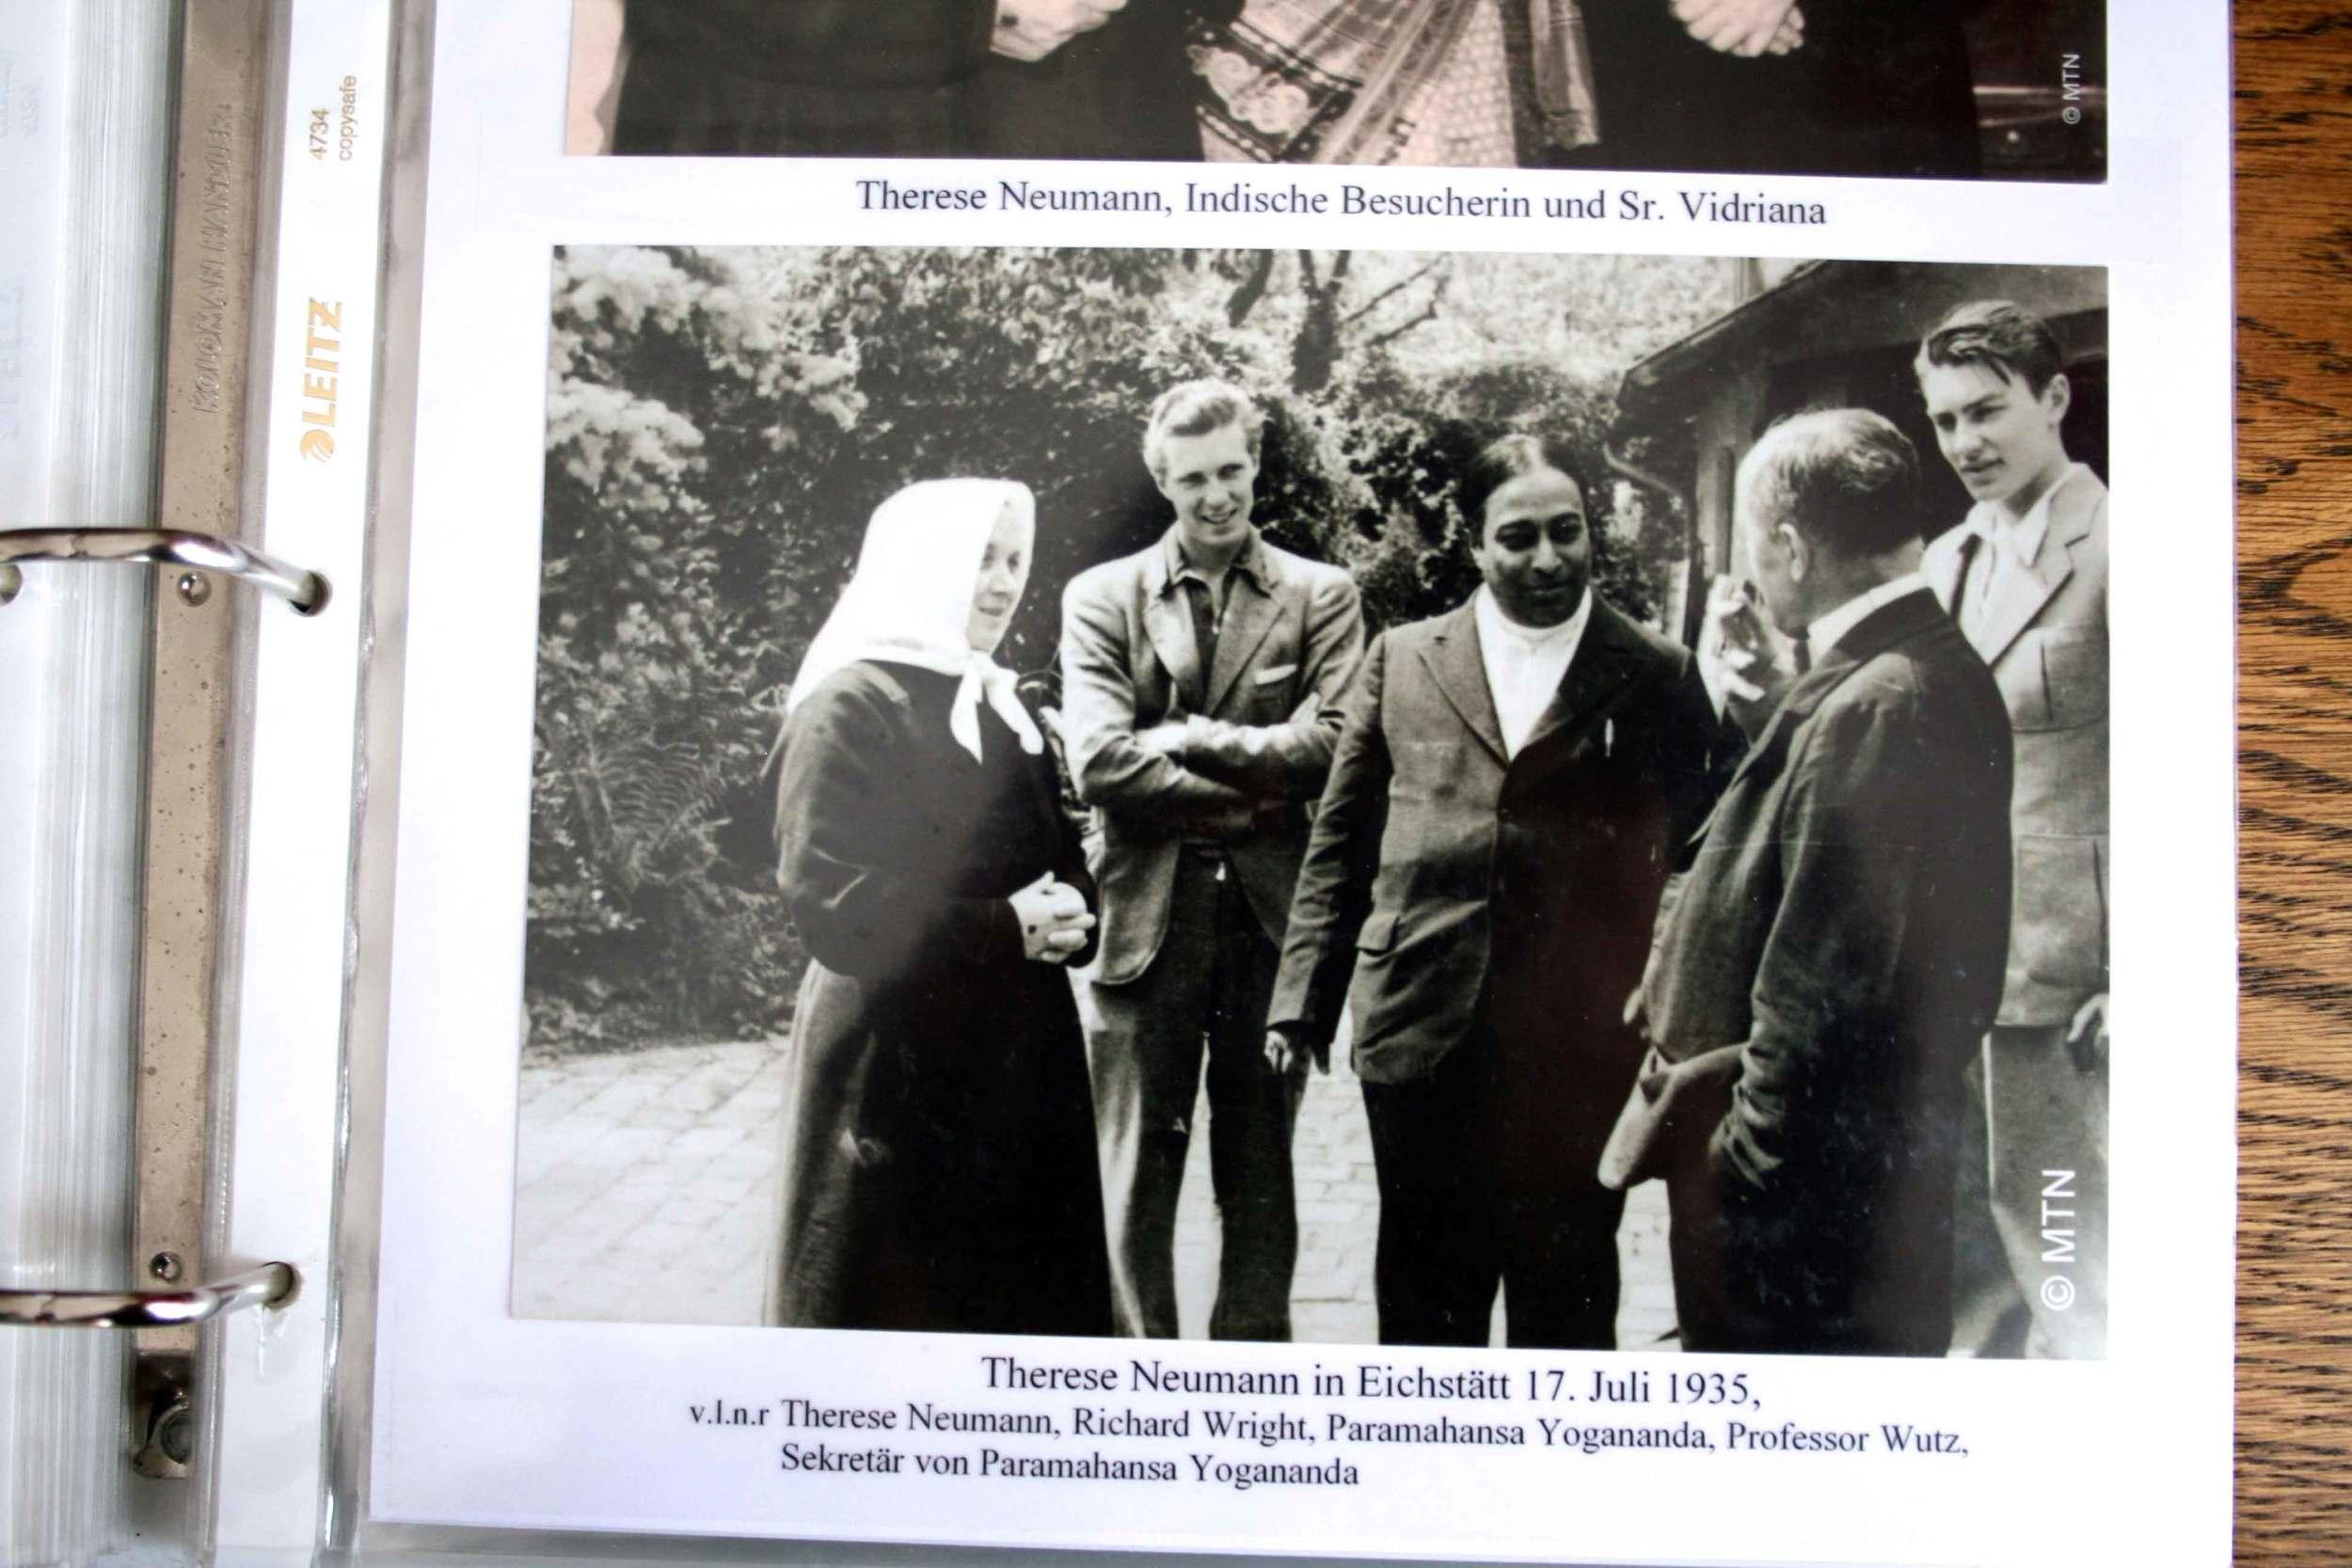 Saint Therese Neumann with Paramahansa Yogananda, Konnersreuth, Bavaria, Germany.